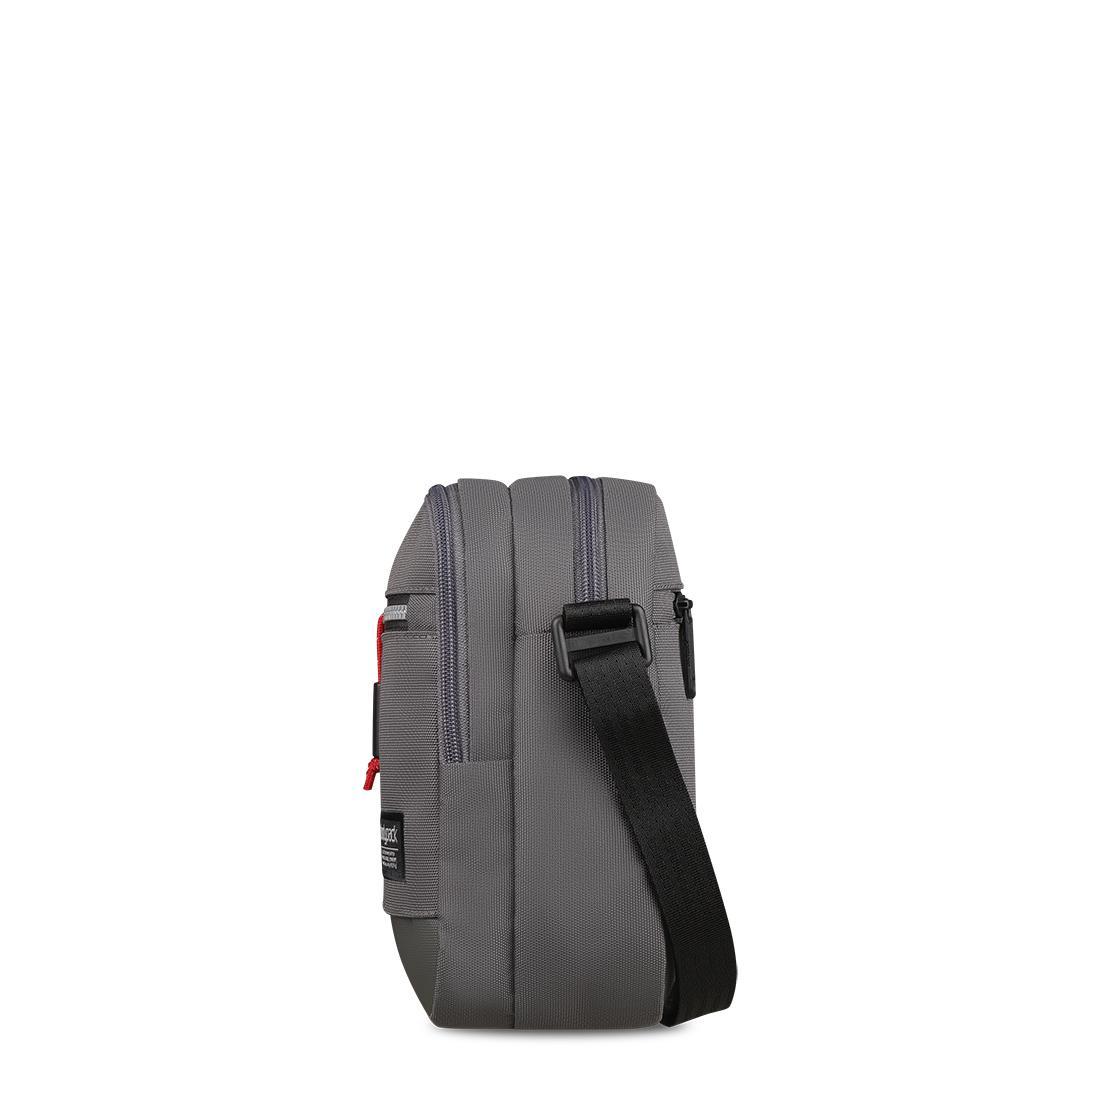 Bodypack Prosper Travel Pouch